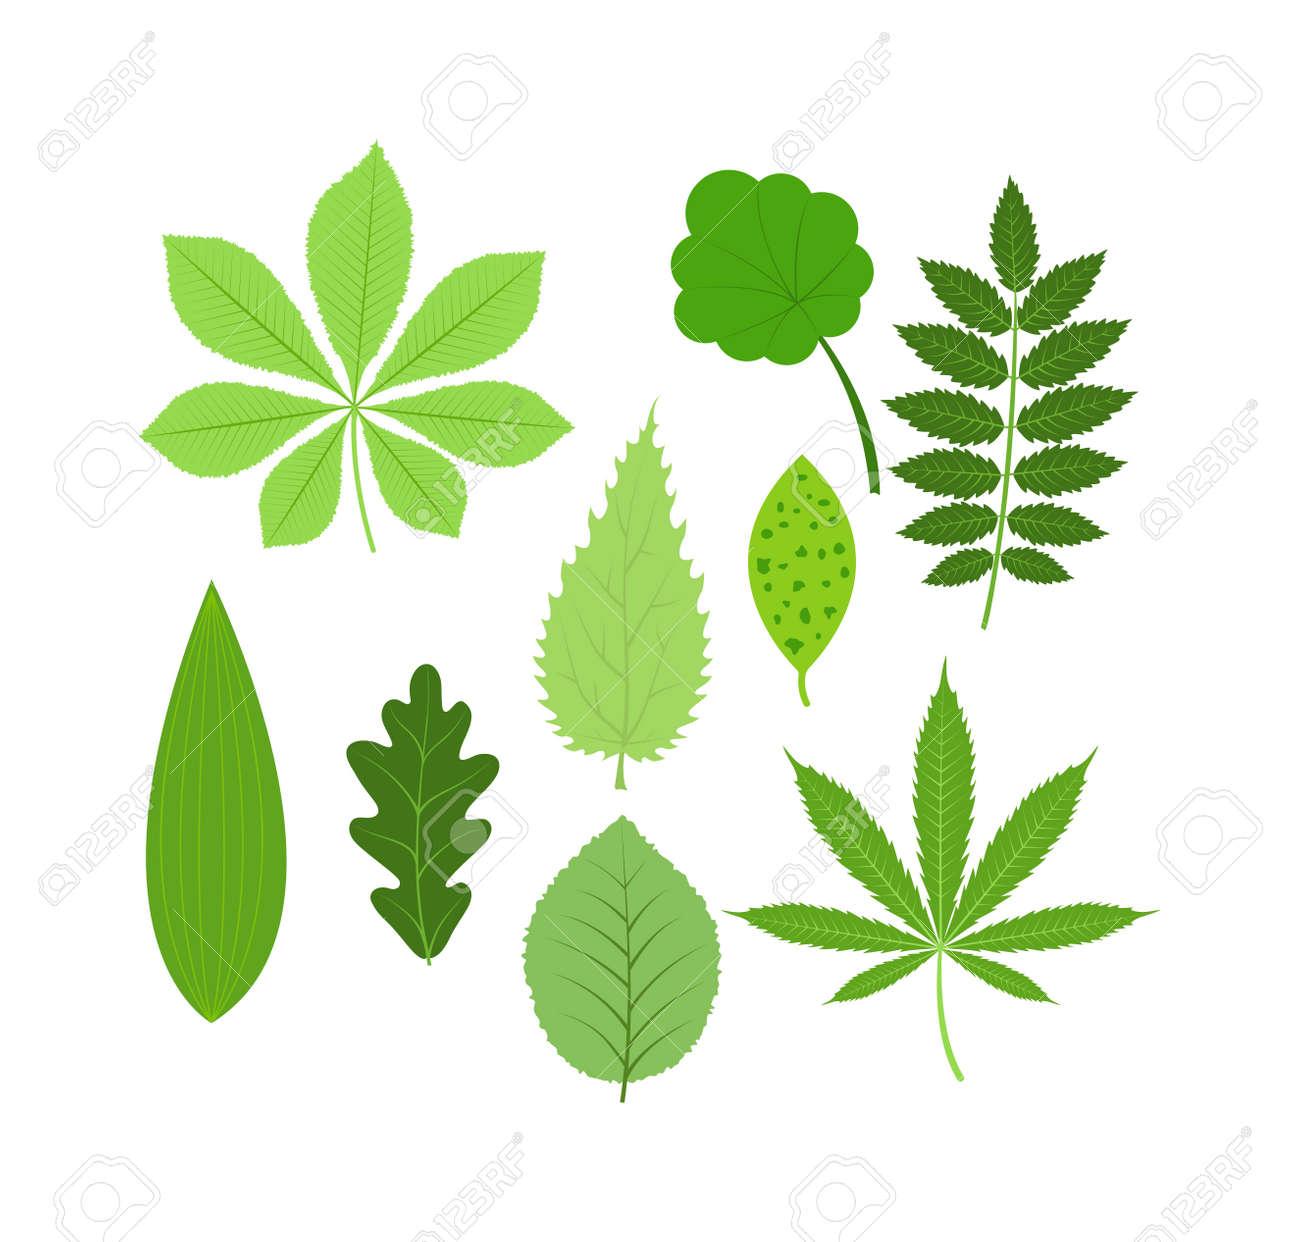 Groß Blätter Färben Blatt Ideen - Beispiel Anschreiben für ...